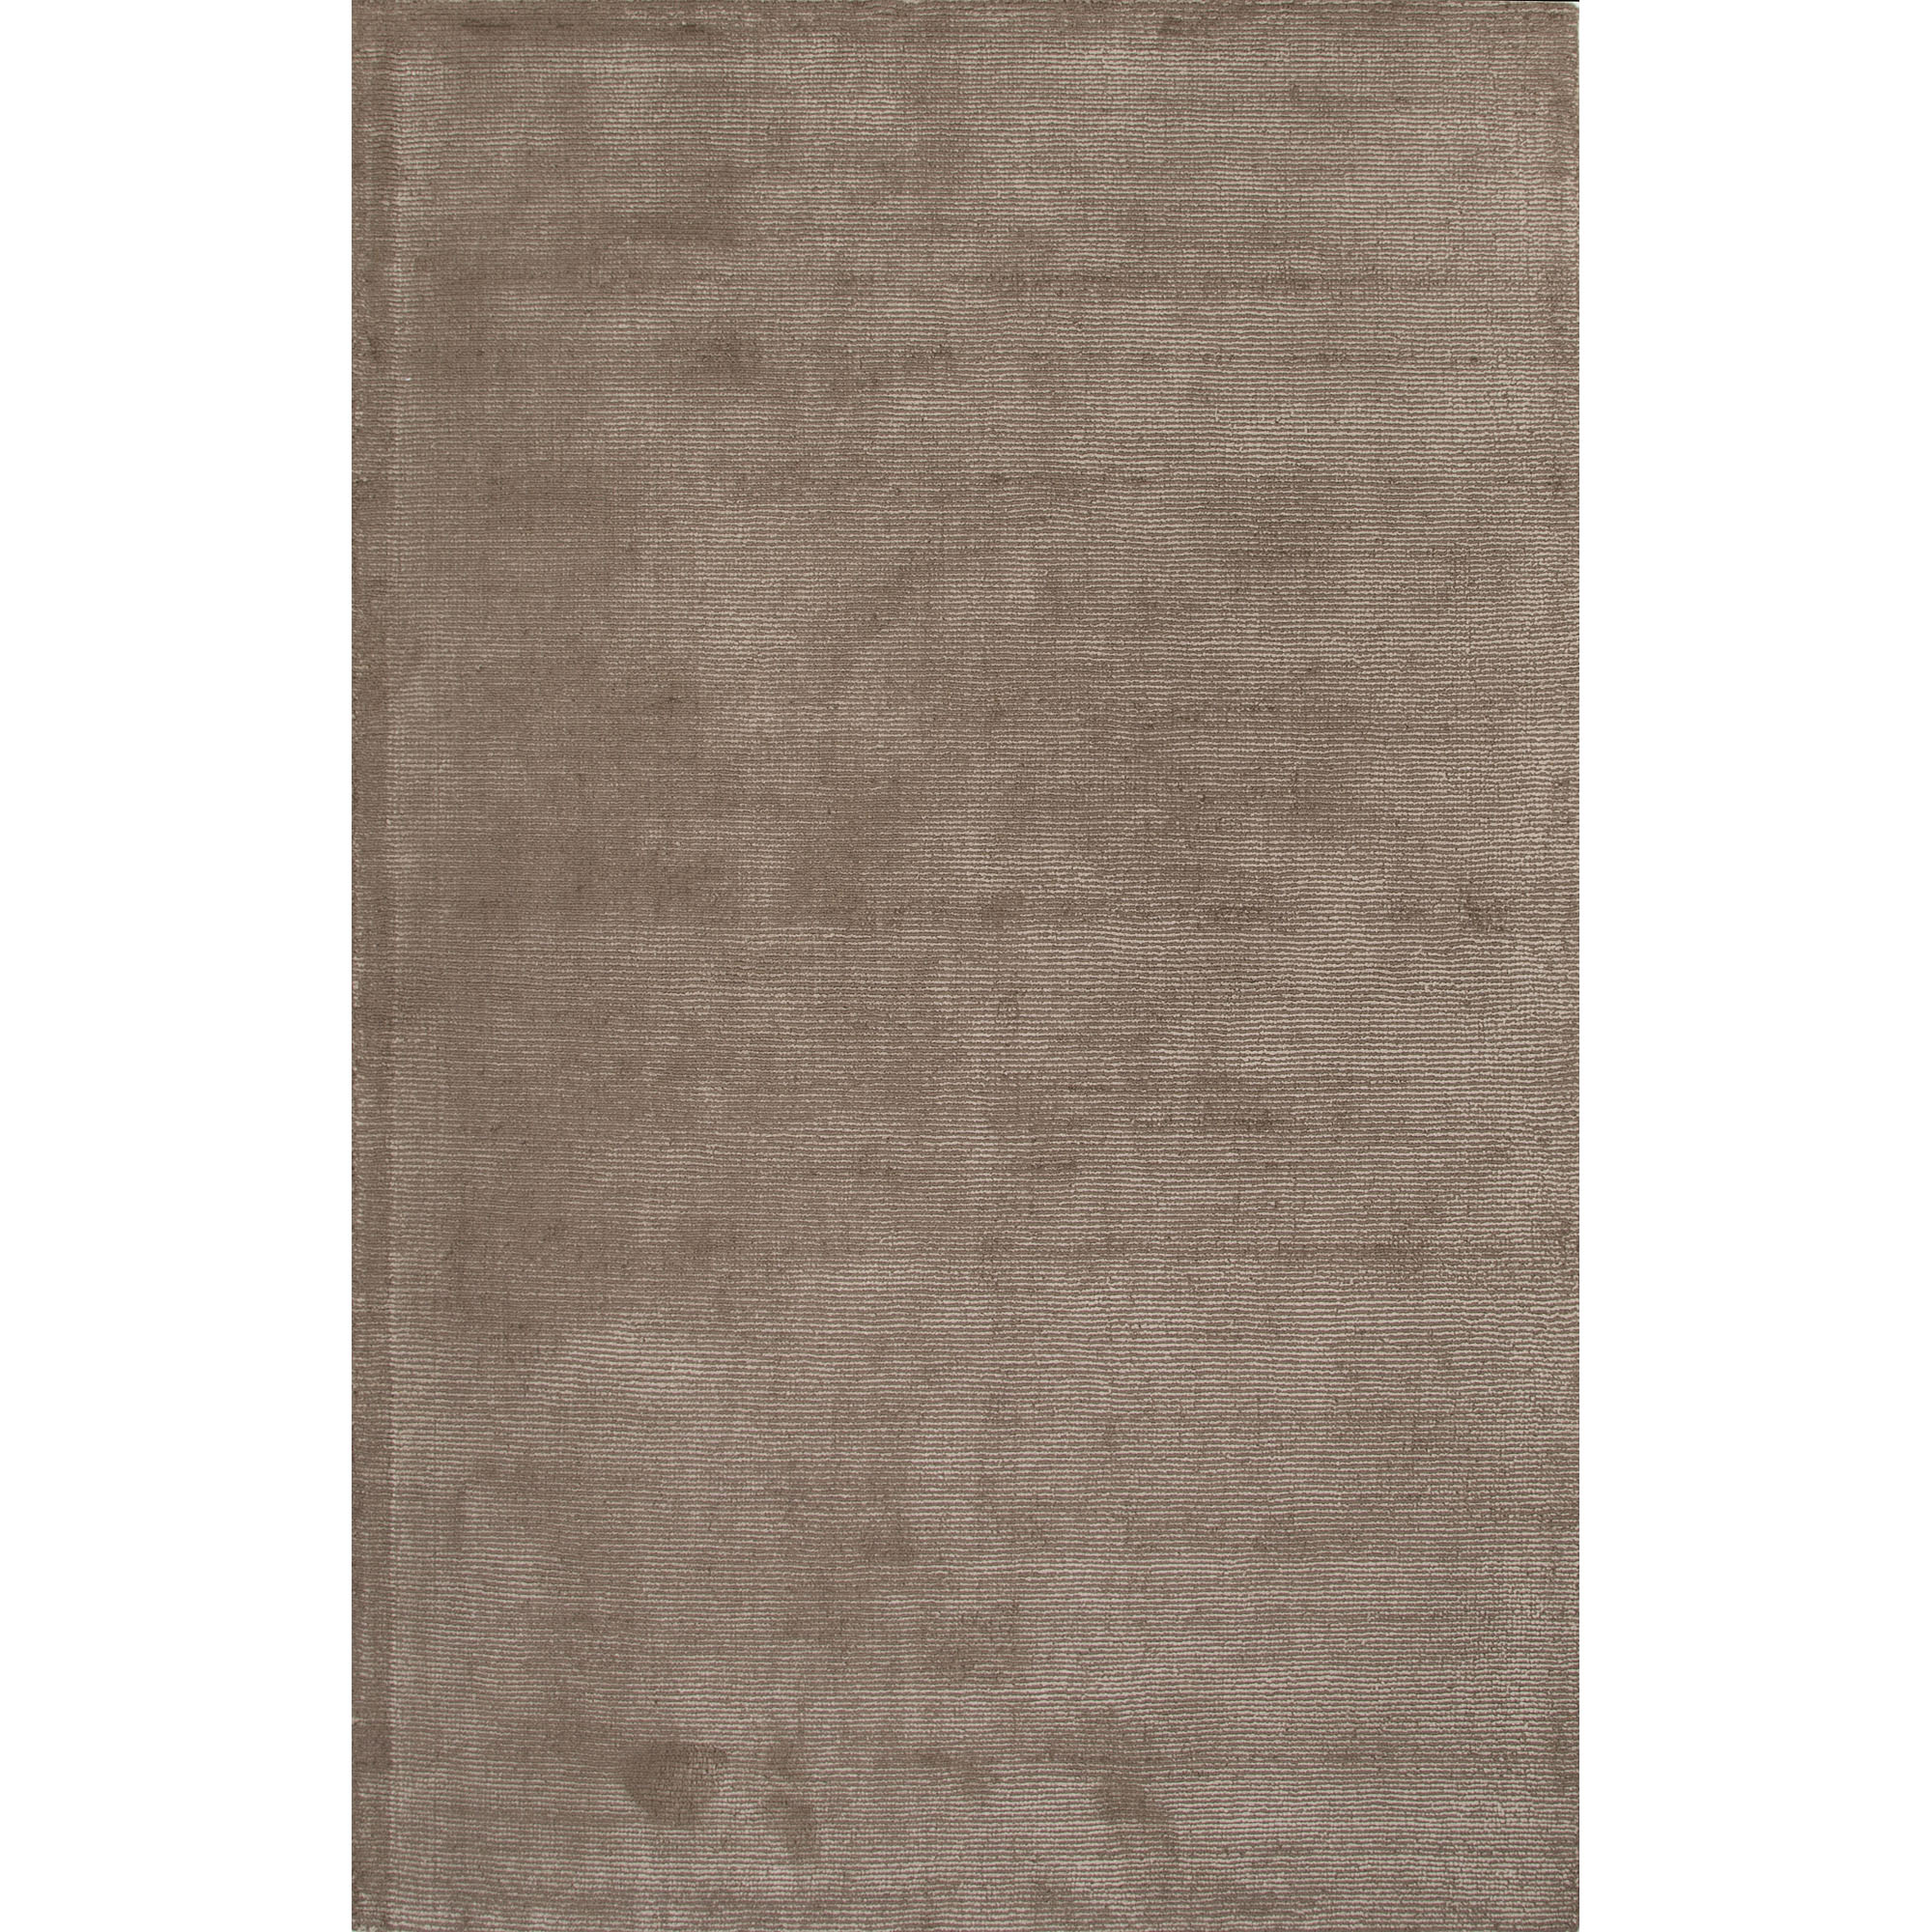 JAIPUR Rugs Konstrukt 5 x 8 Rug - Item Number: RUG110691